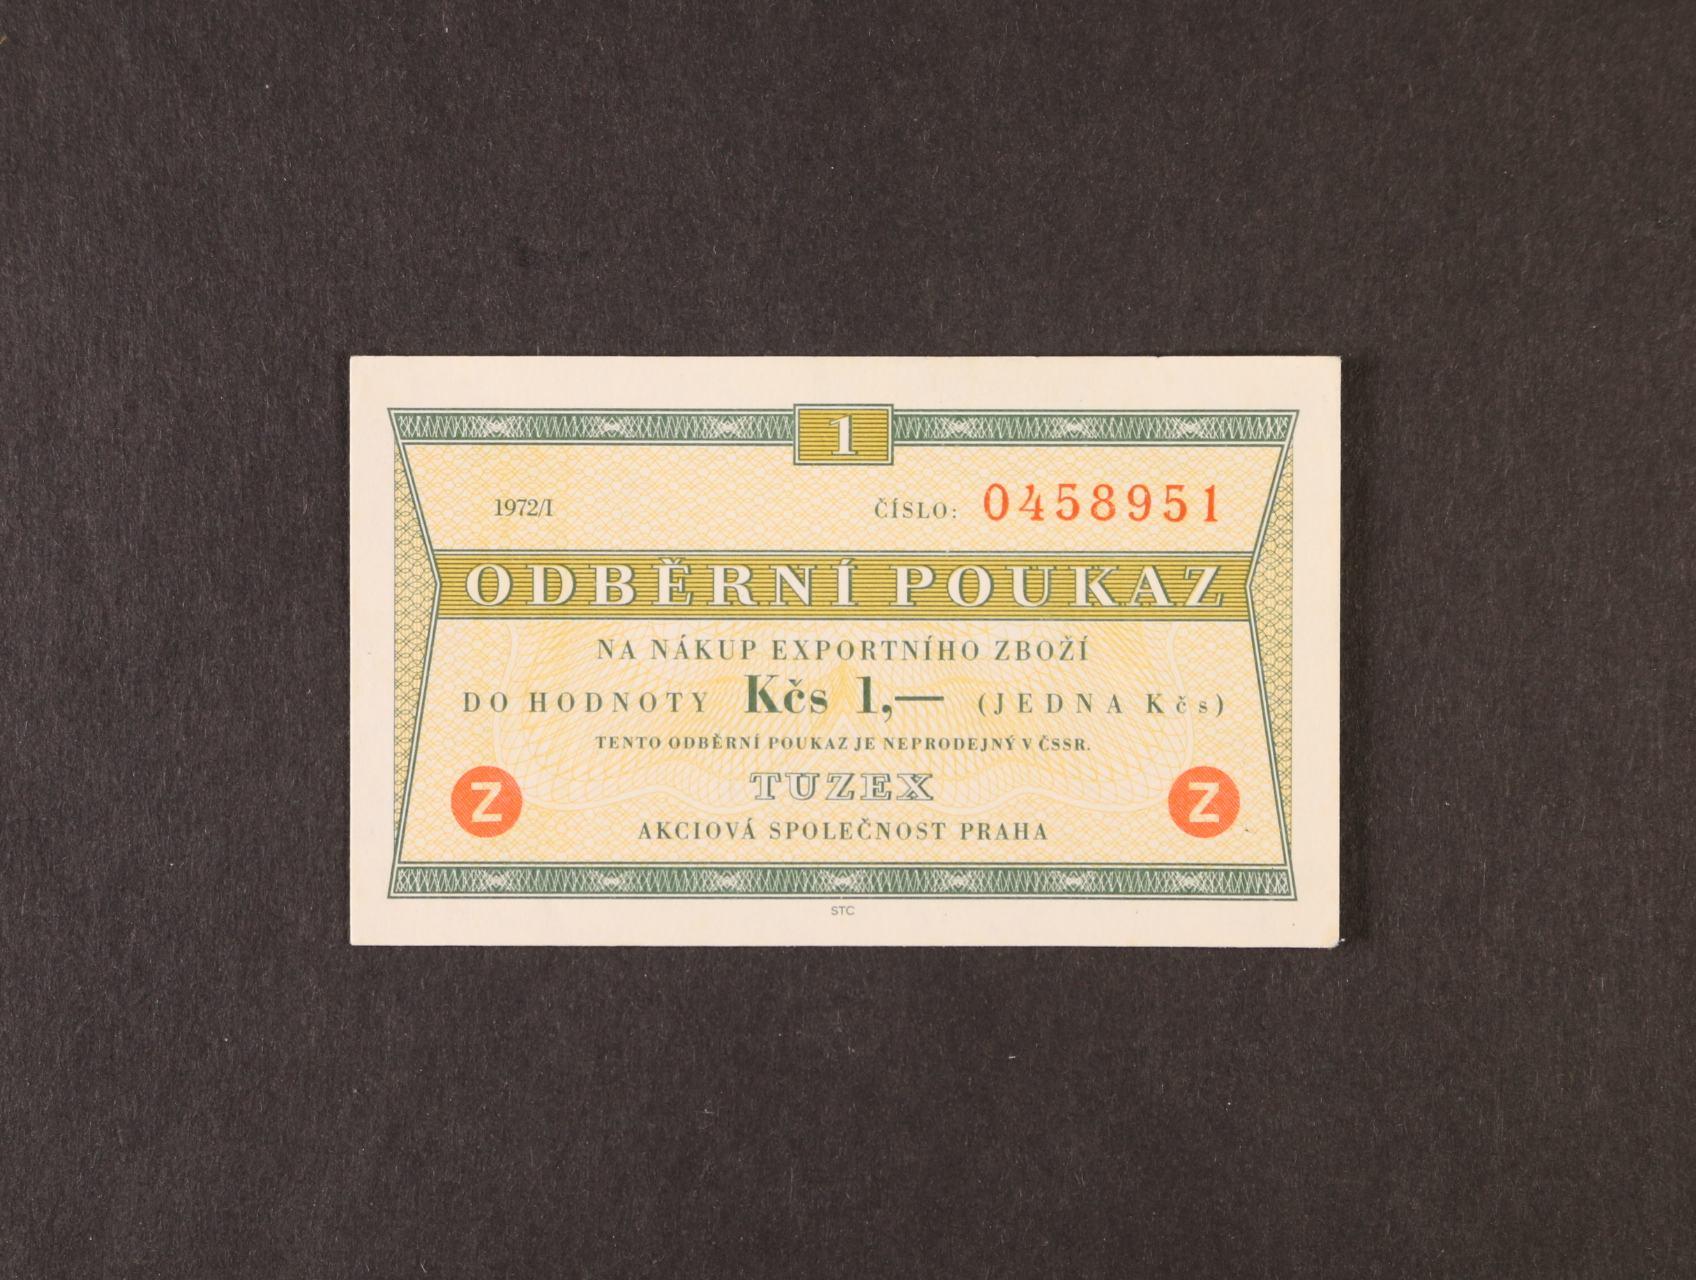 Tuzex, 1 TKčs s datem 1972/I